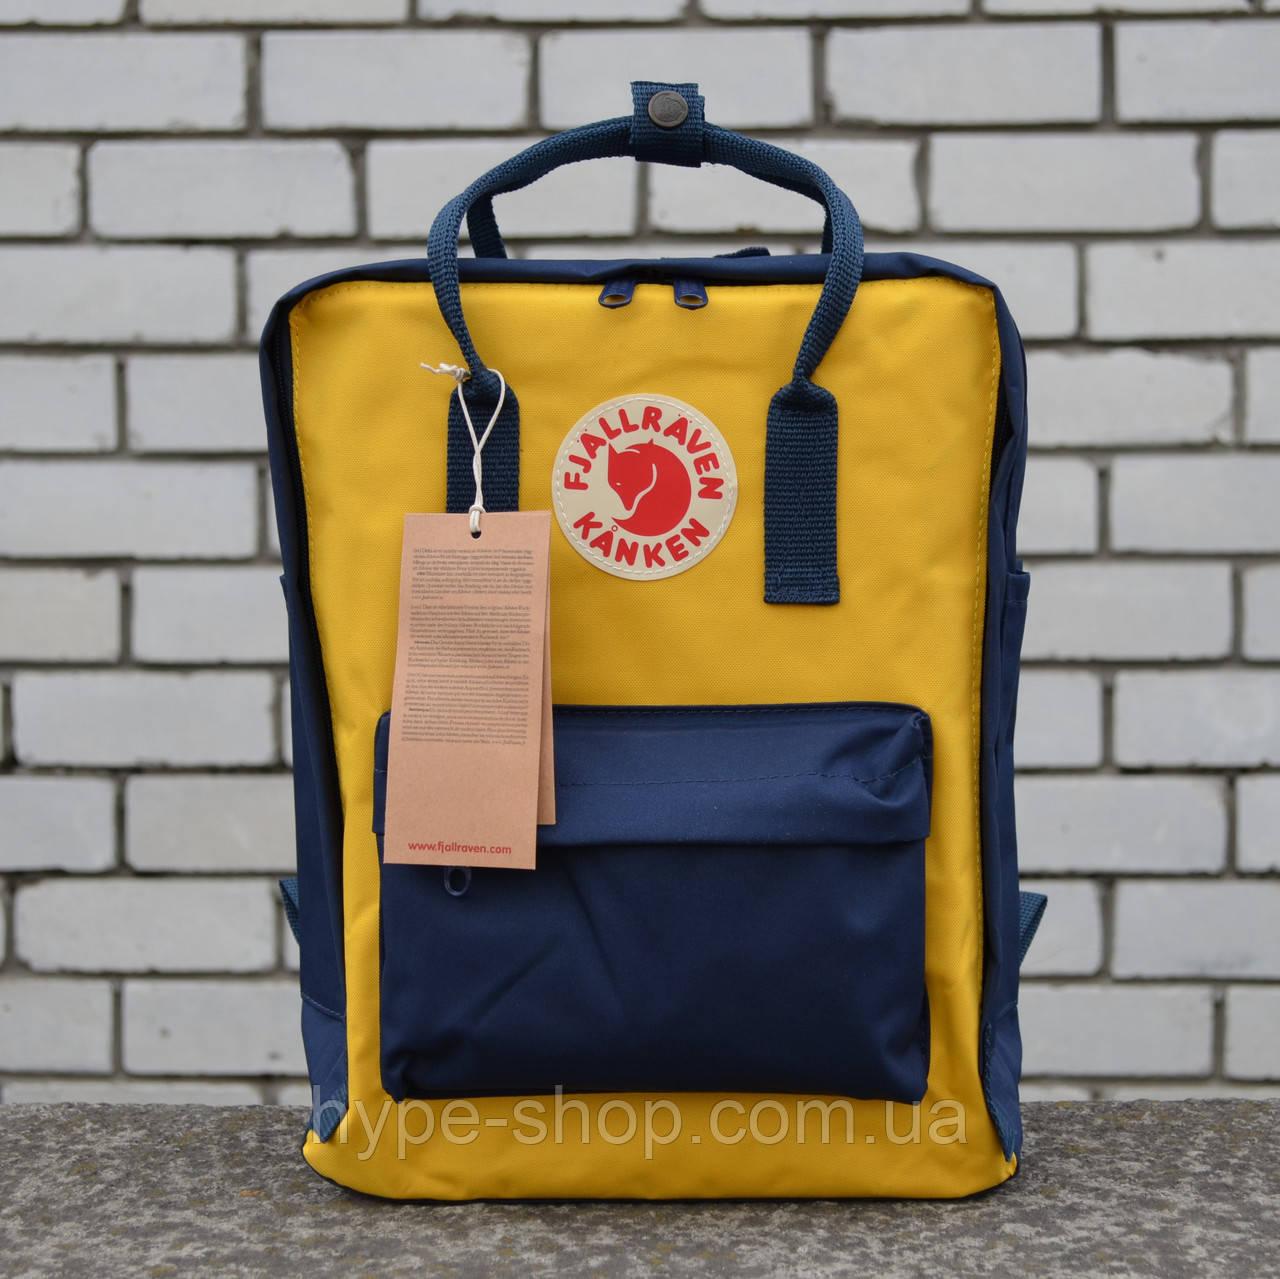 Рюкзак в стиле Fjallraven Kanken Classic, канкен